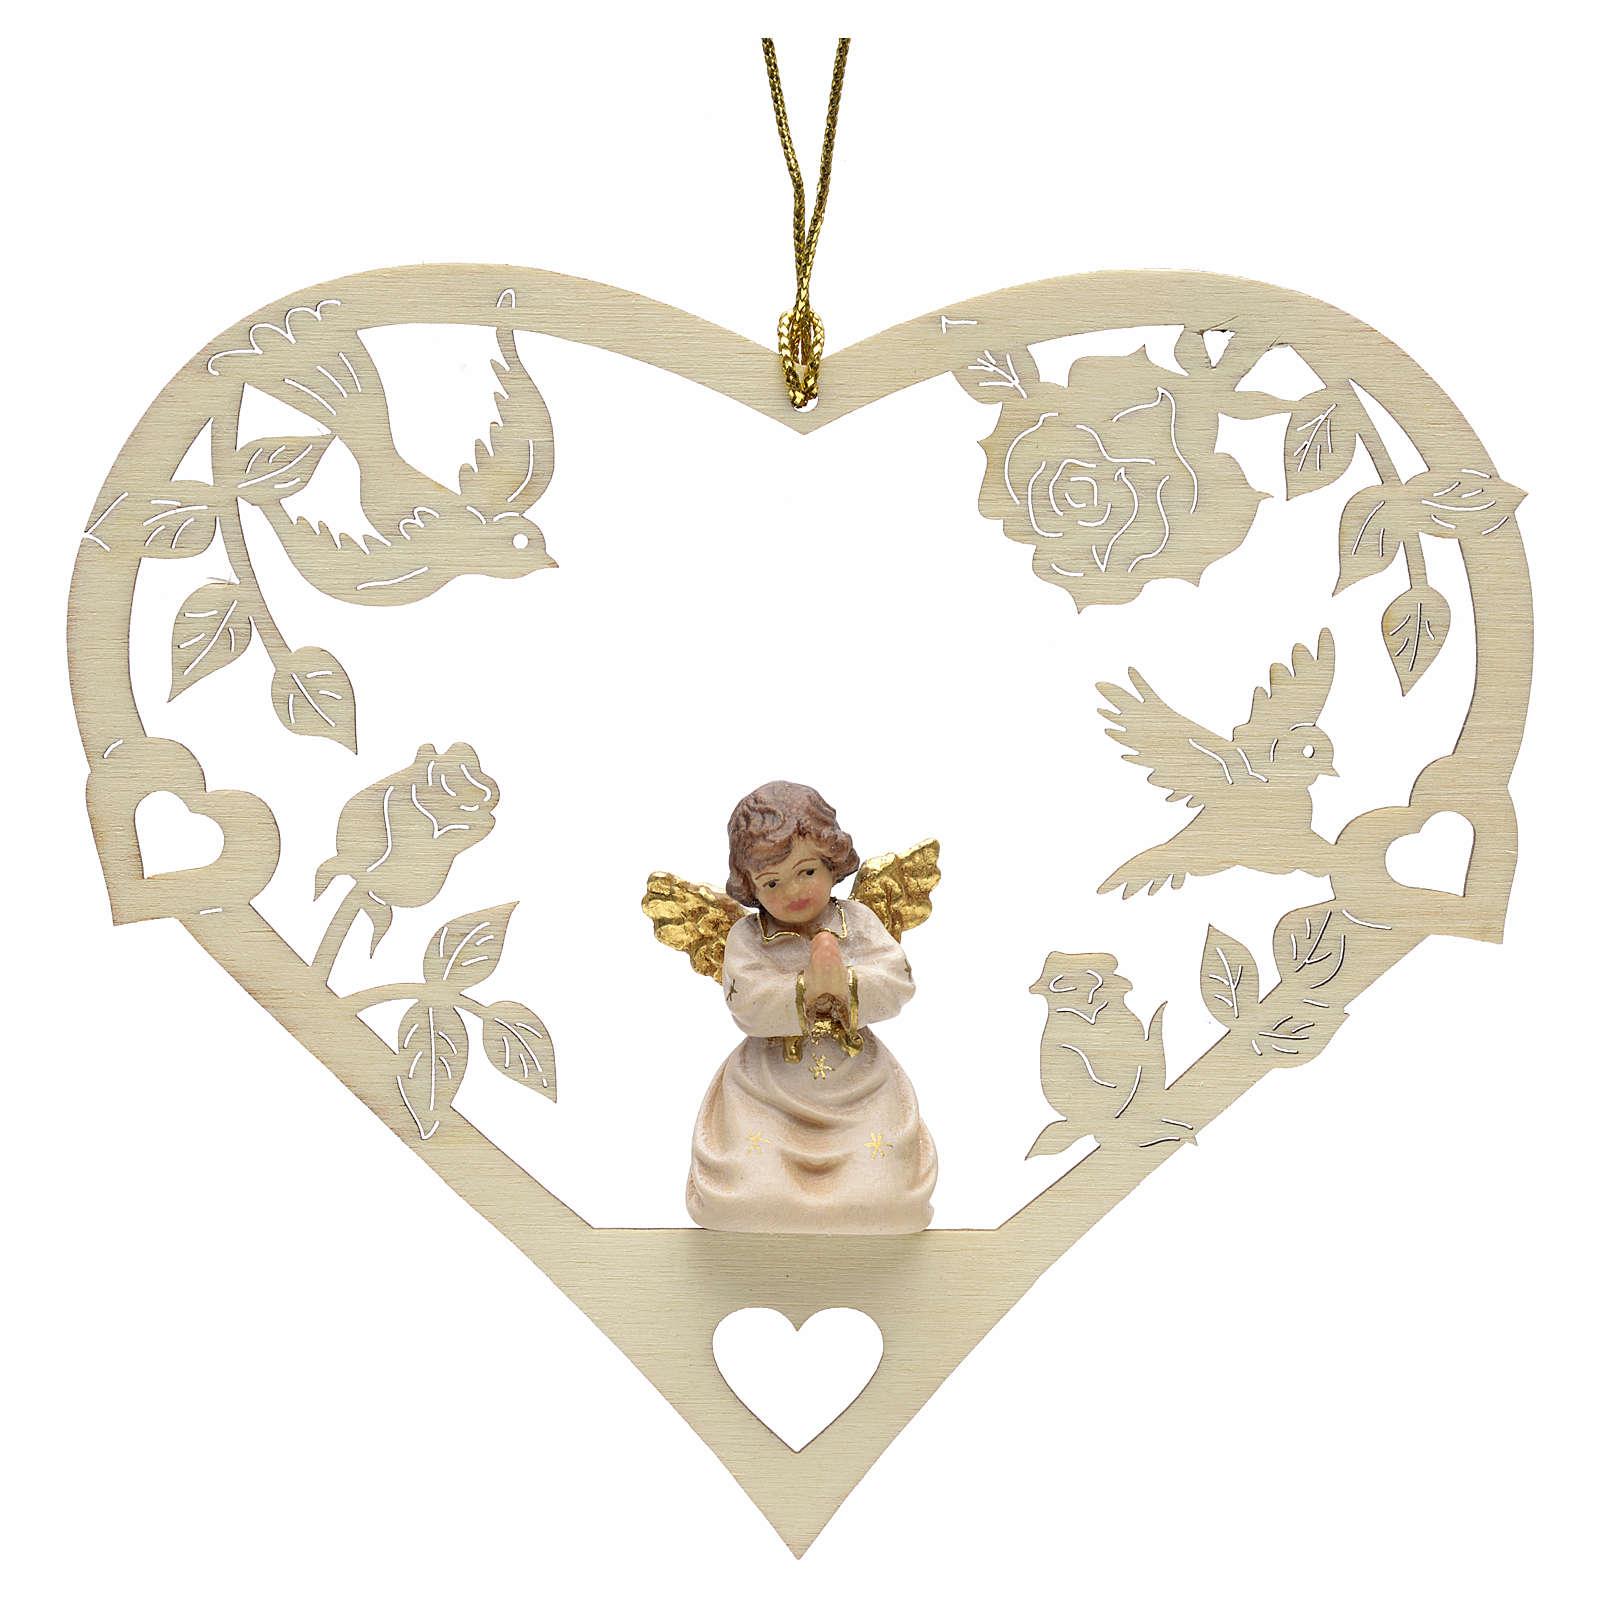 Decoración de Navidad con ángel que ruega con cora 4